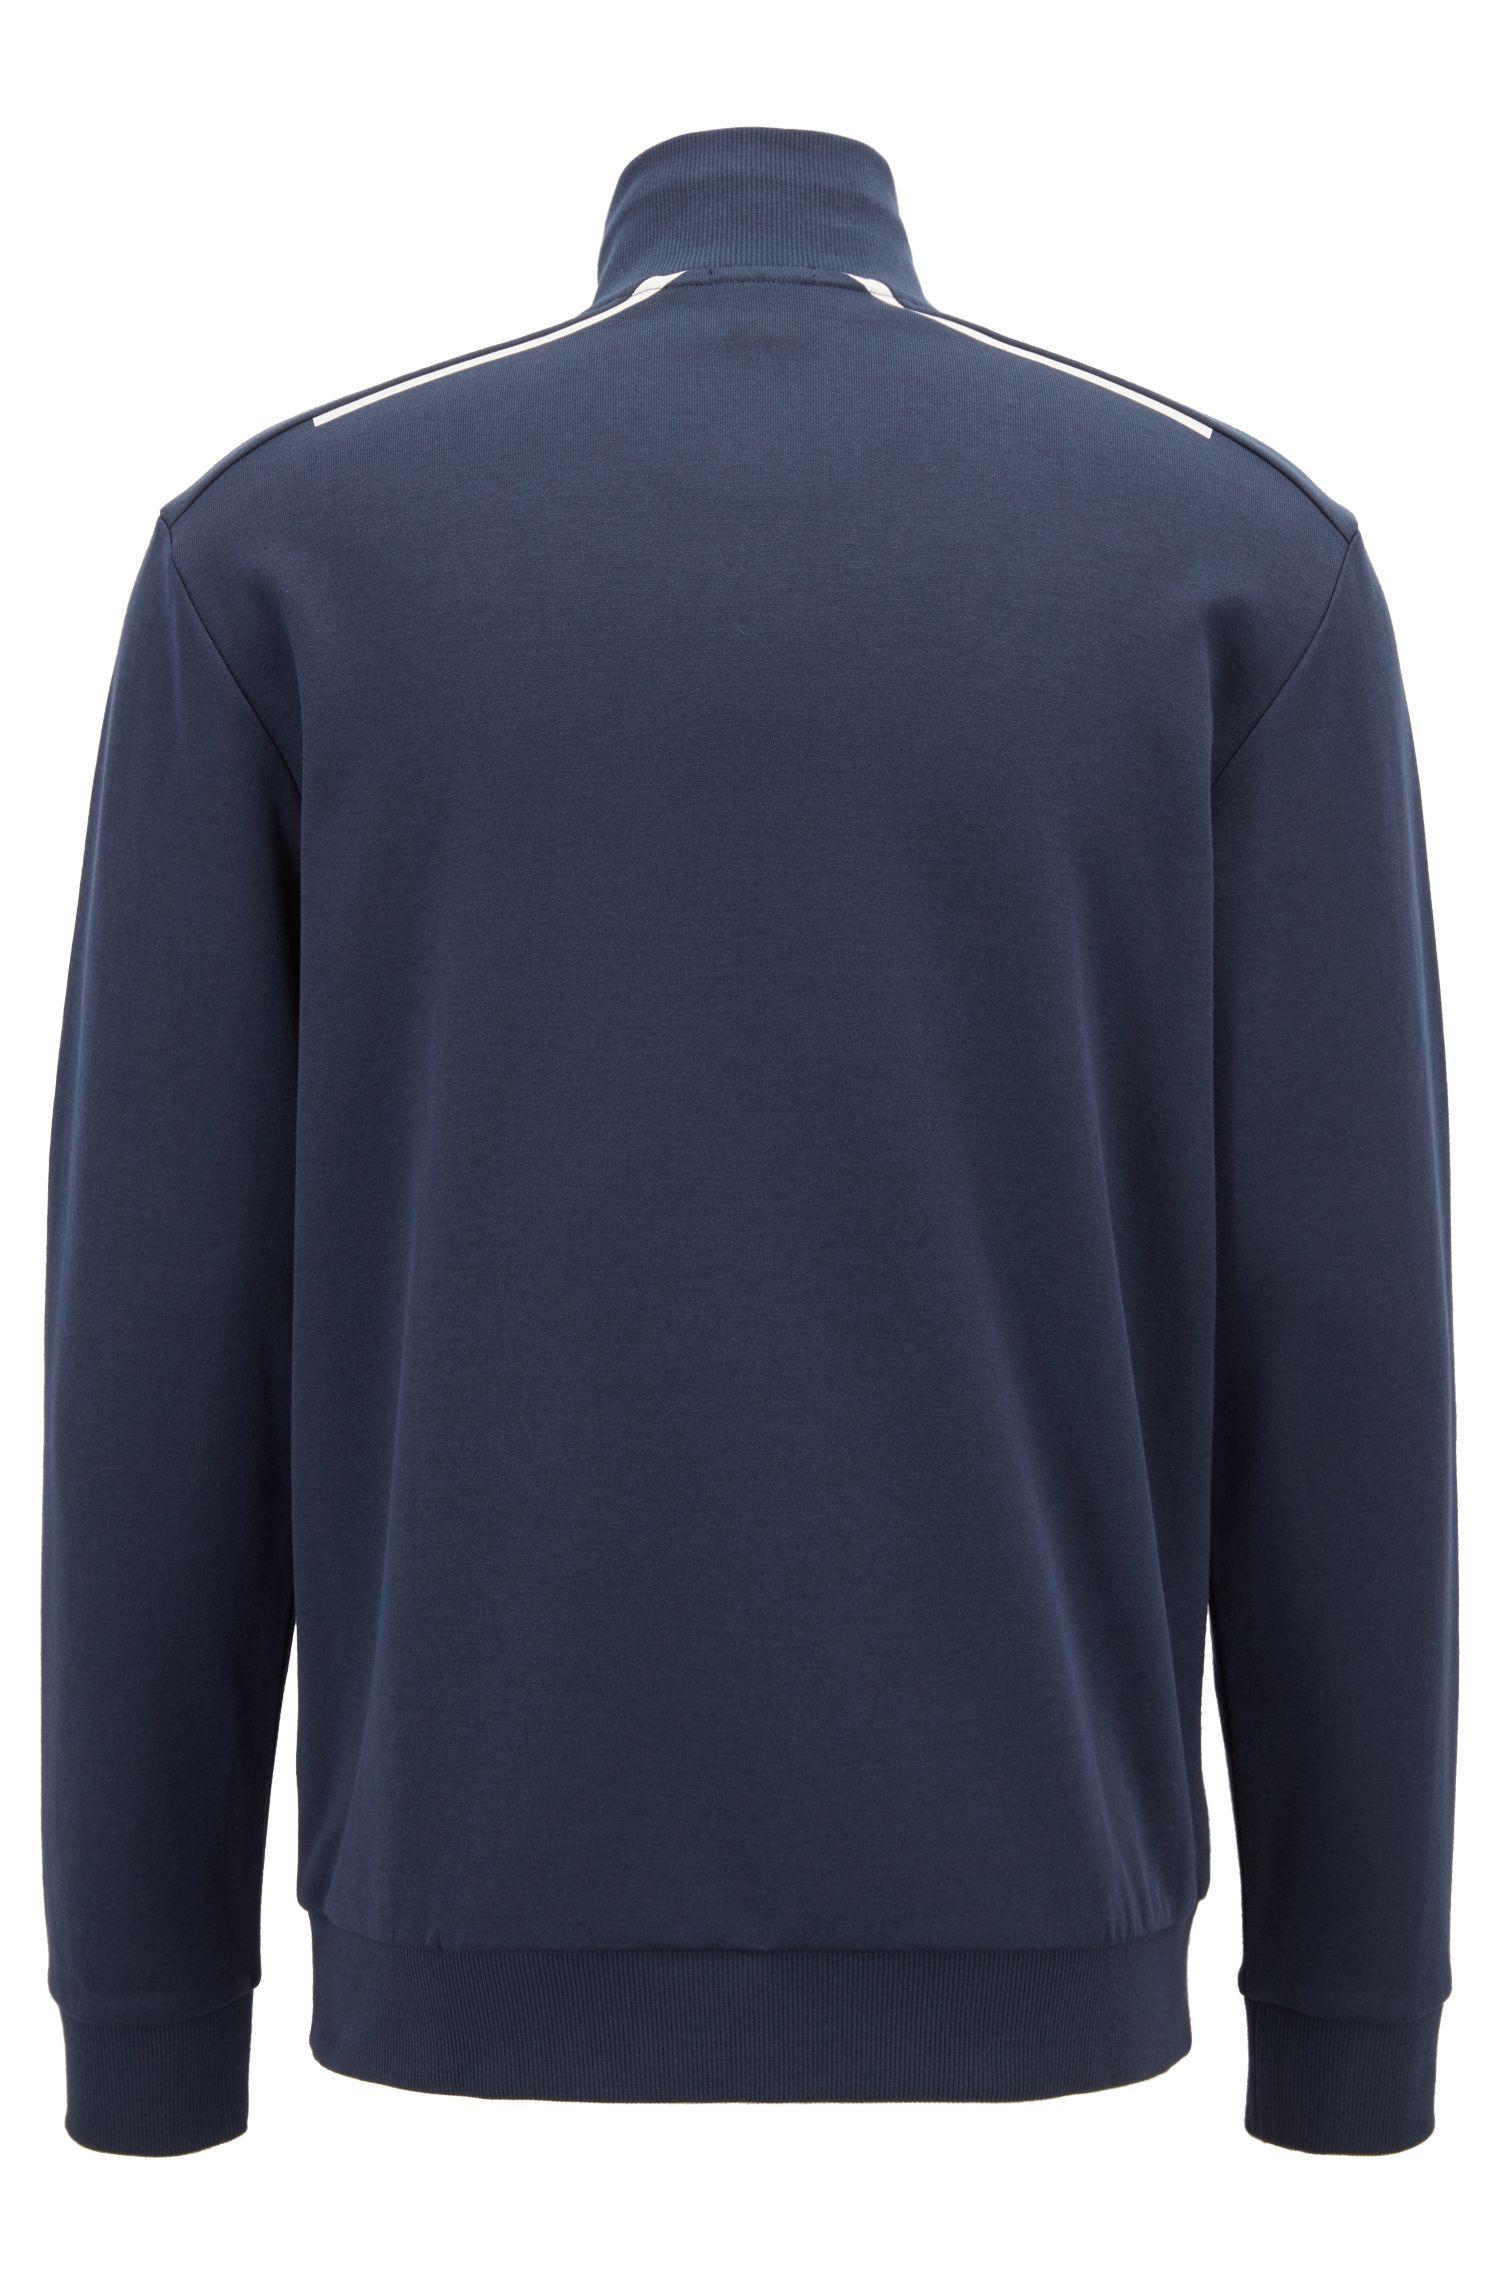 Sudadera con cremallera en mezcla de algodón con detalles reflectantes, Azul oscuro